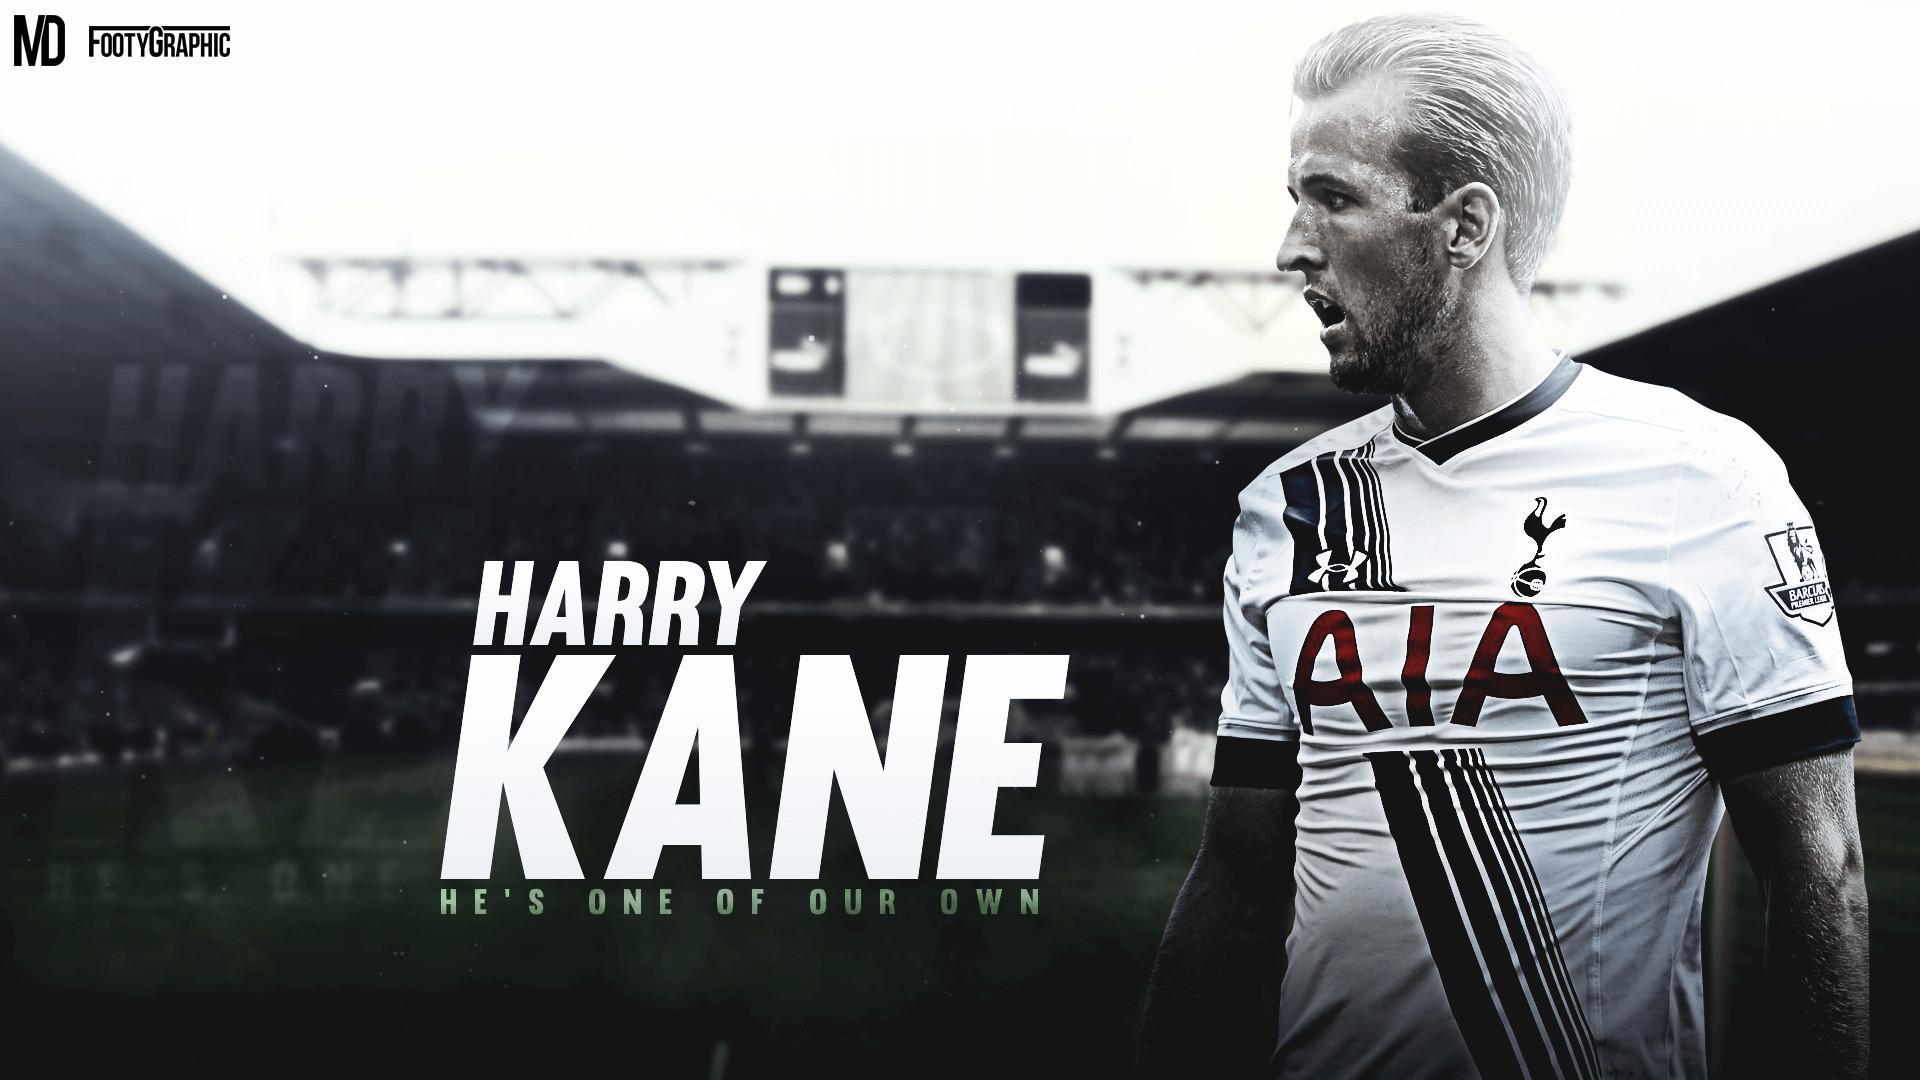 Tottenham Hotspur HD Wallpaper (74+ Images